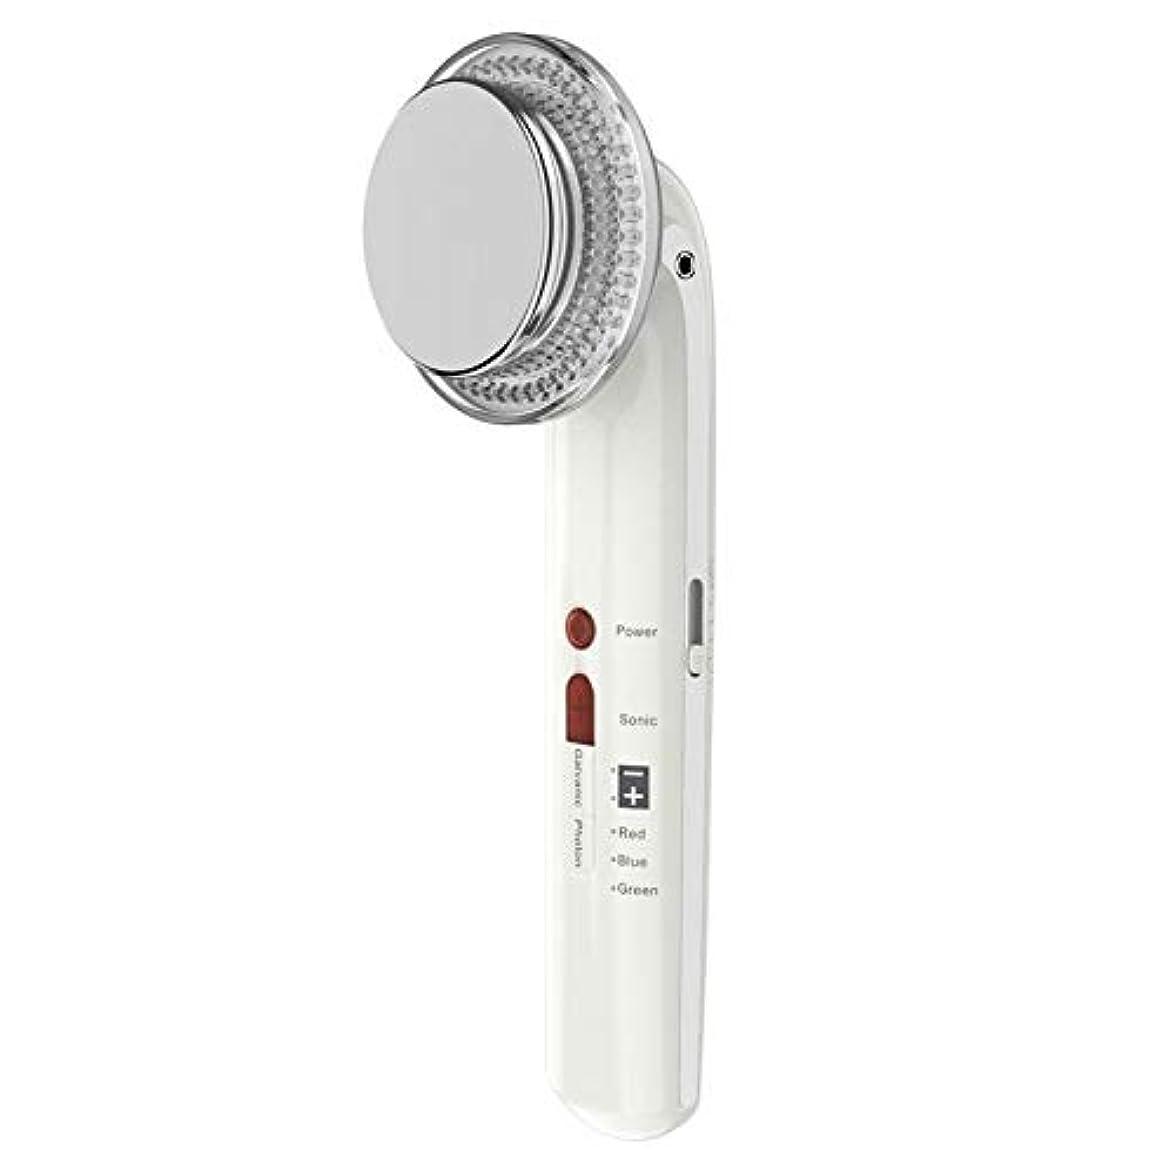 である赤面スタッフ7で1振動美容機器ems超音波ボディフェイシャル痩身ツールled光子療法フェイスマッサージャー用ボディシェーピングフェイシャルスキンケア (Color : White)